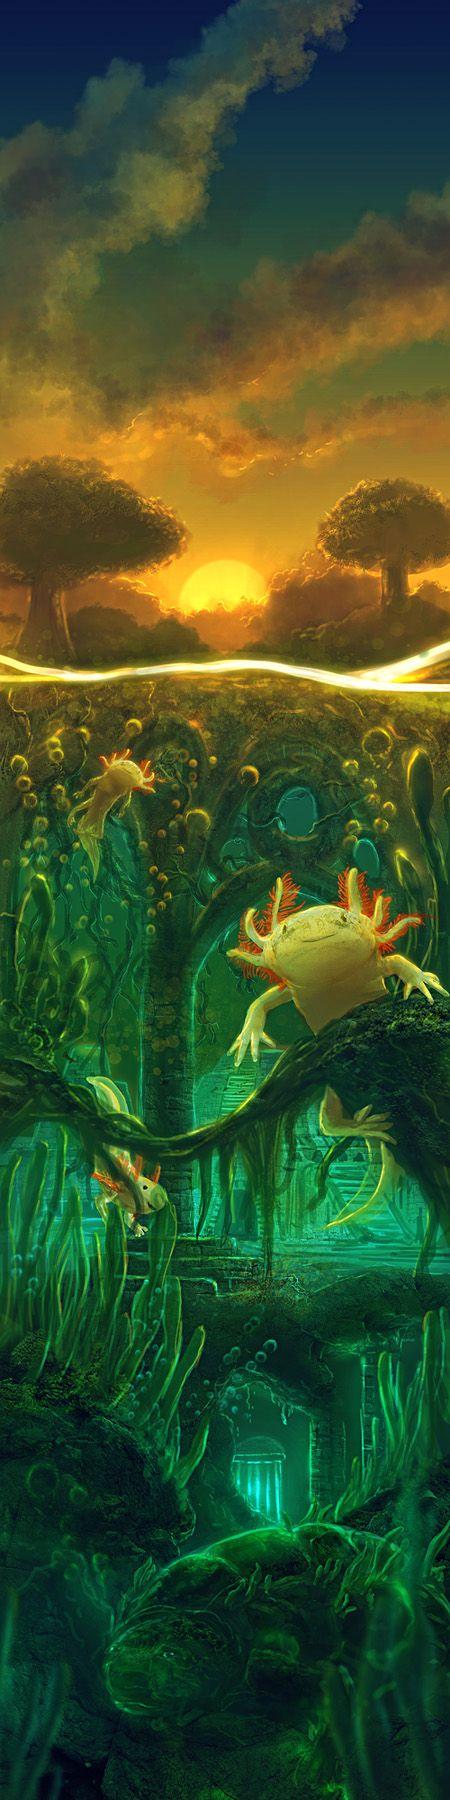 Axolotl Waters by Kamikaye on deviantART (love it, need it. Suits my hobby of axolotl breeding perfectly!)